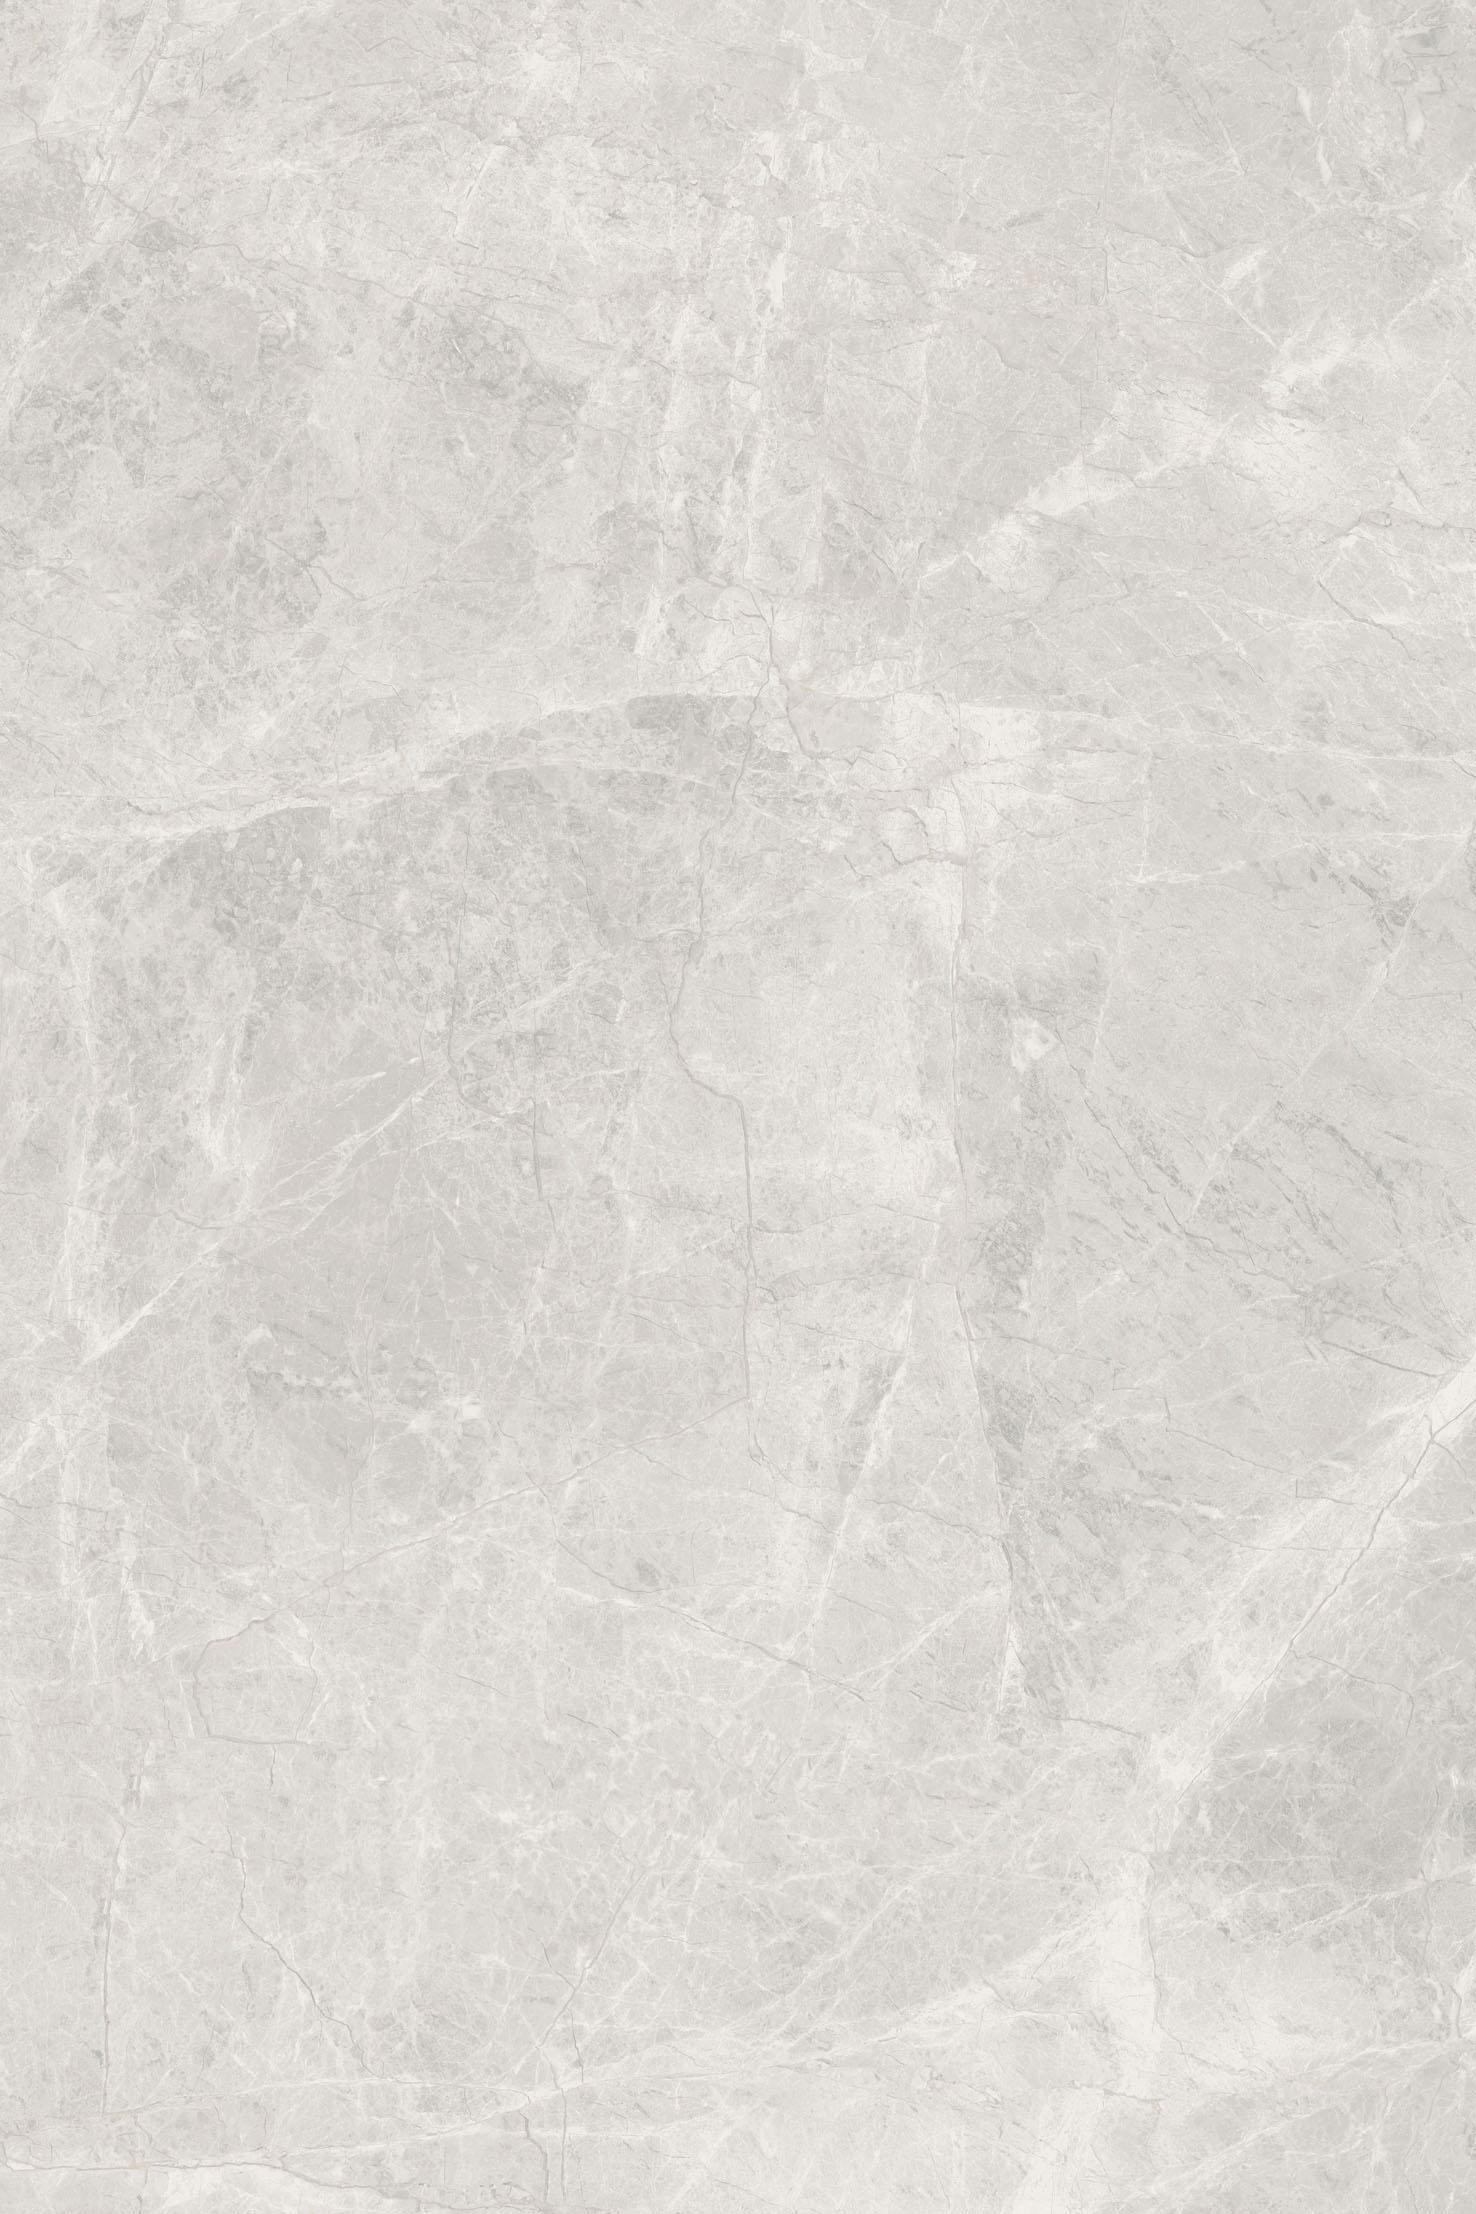 冠珠瓷砖维纳斯灰大理石高清贴图【ID:236463361】